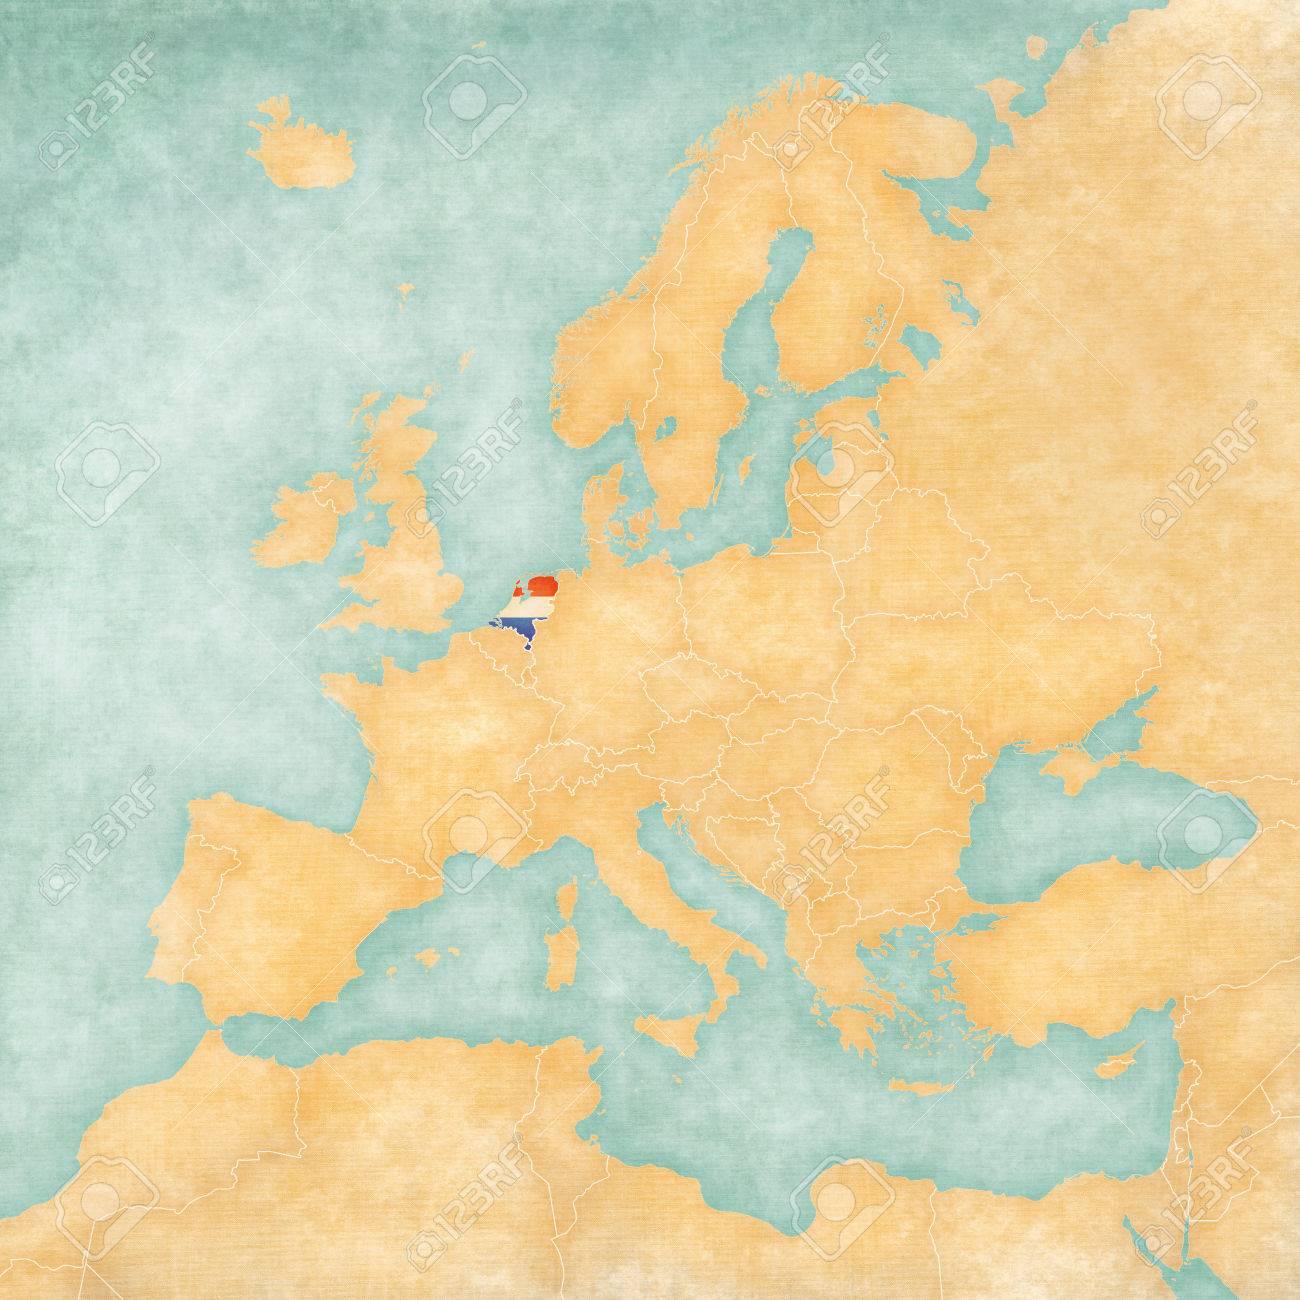 Carte De Leurope En Neerlandais.Drapeau Neerlandais Neerlandais Sur La Carte De L Europe La Carte Est Dans Le Style De Cru D Ete Et L Humeur Ensoleillee La Carte Dispose D Un